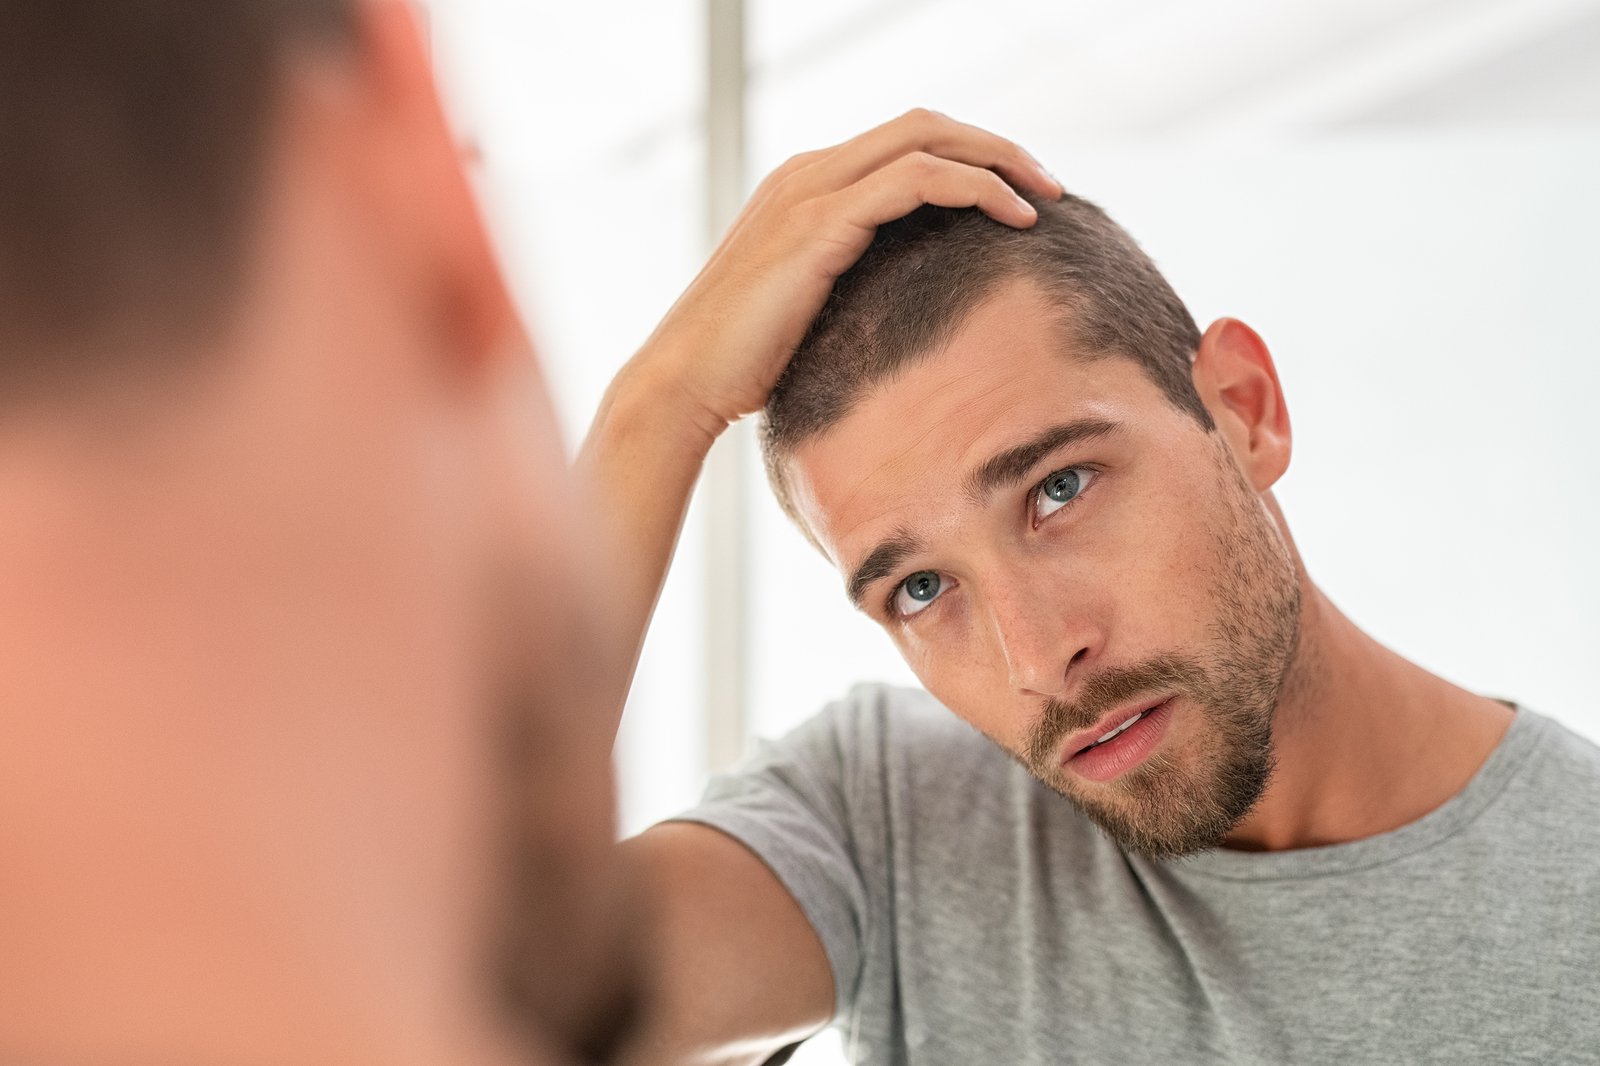 Geheimratsecken Was Konnen Manner Tun Haarausfall Hilfe